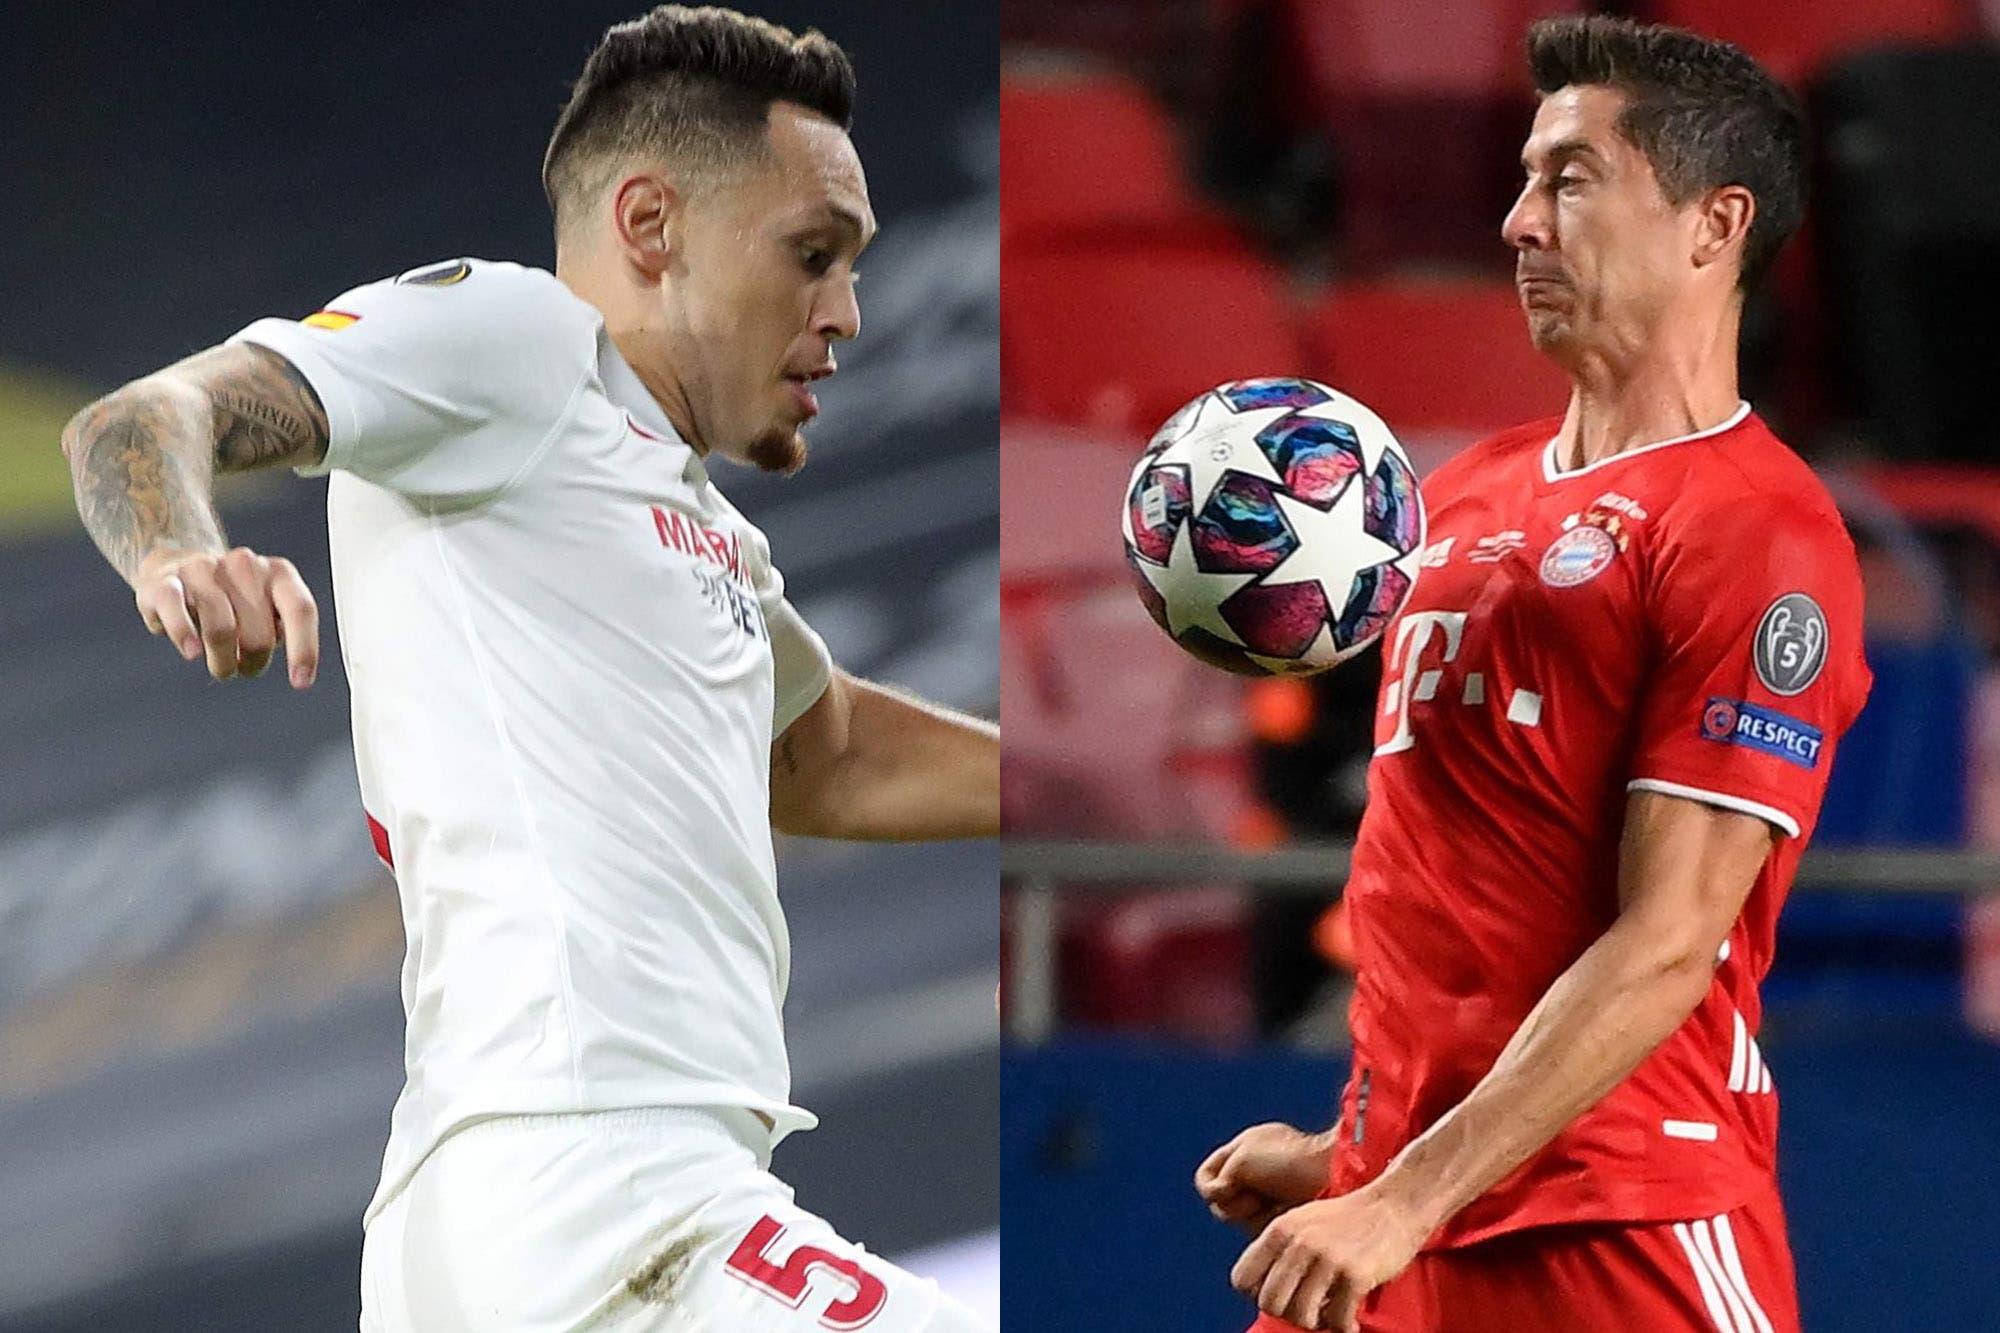 Bayern Munich-Sevilla, por la Supercopa de Europa: horario, TV y formaciones